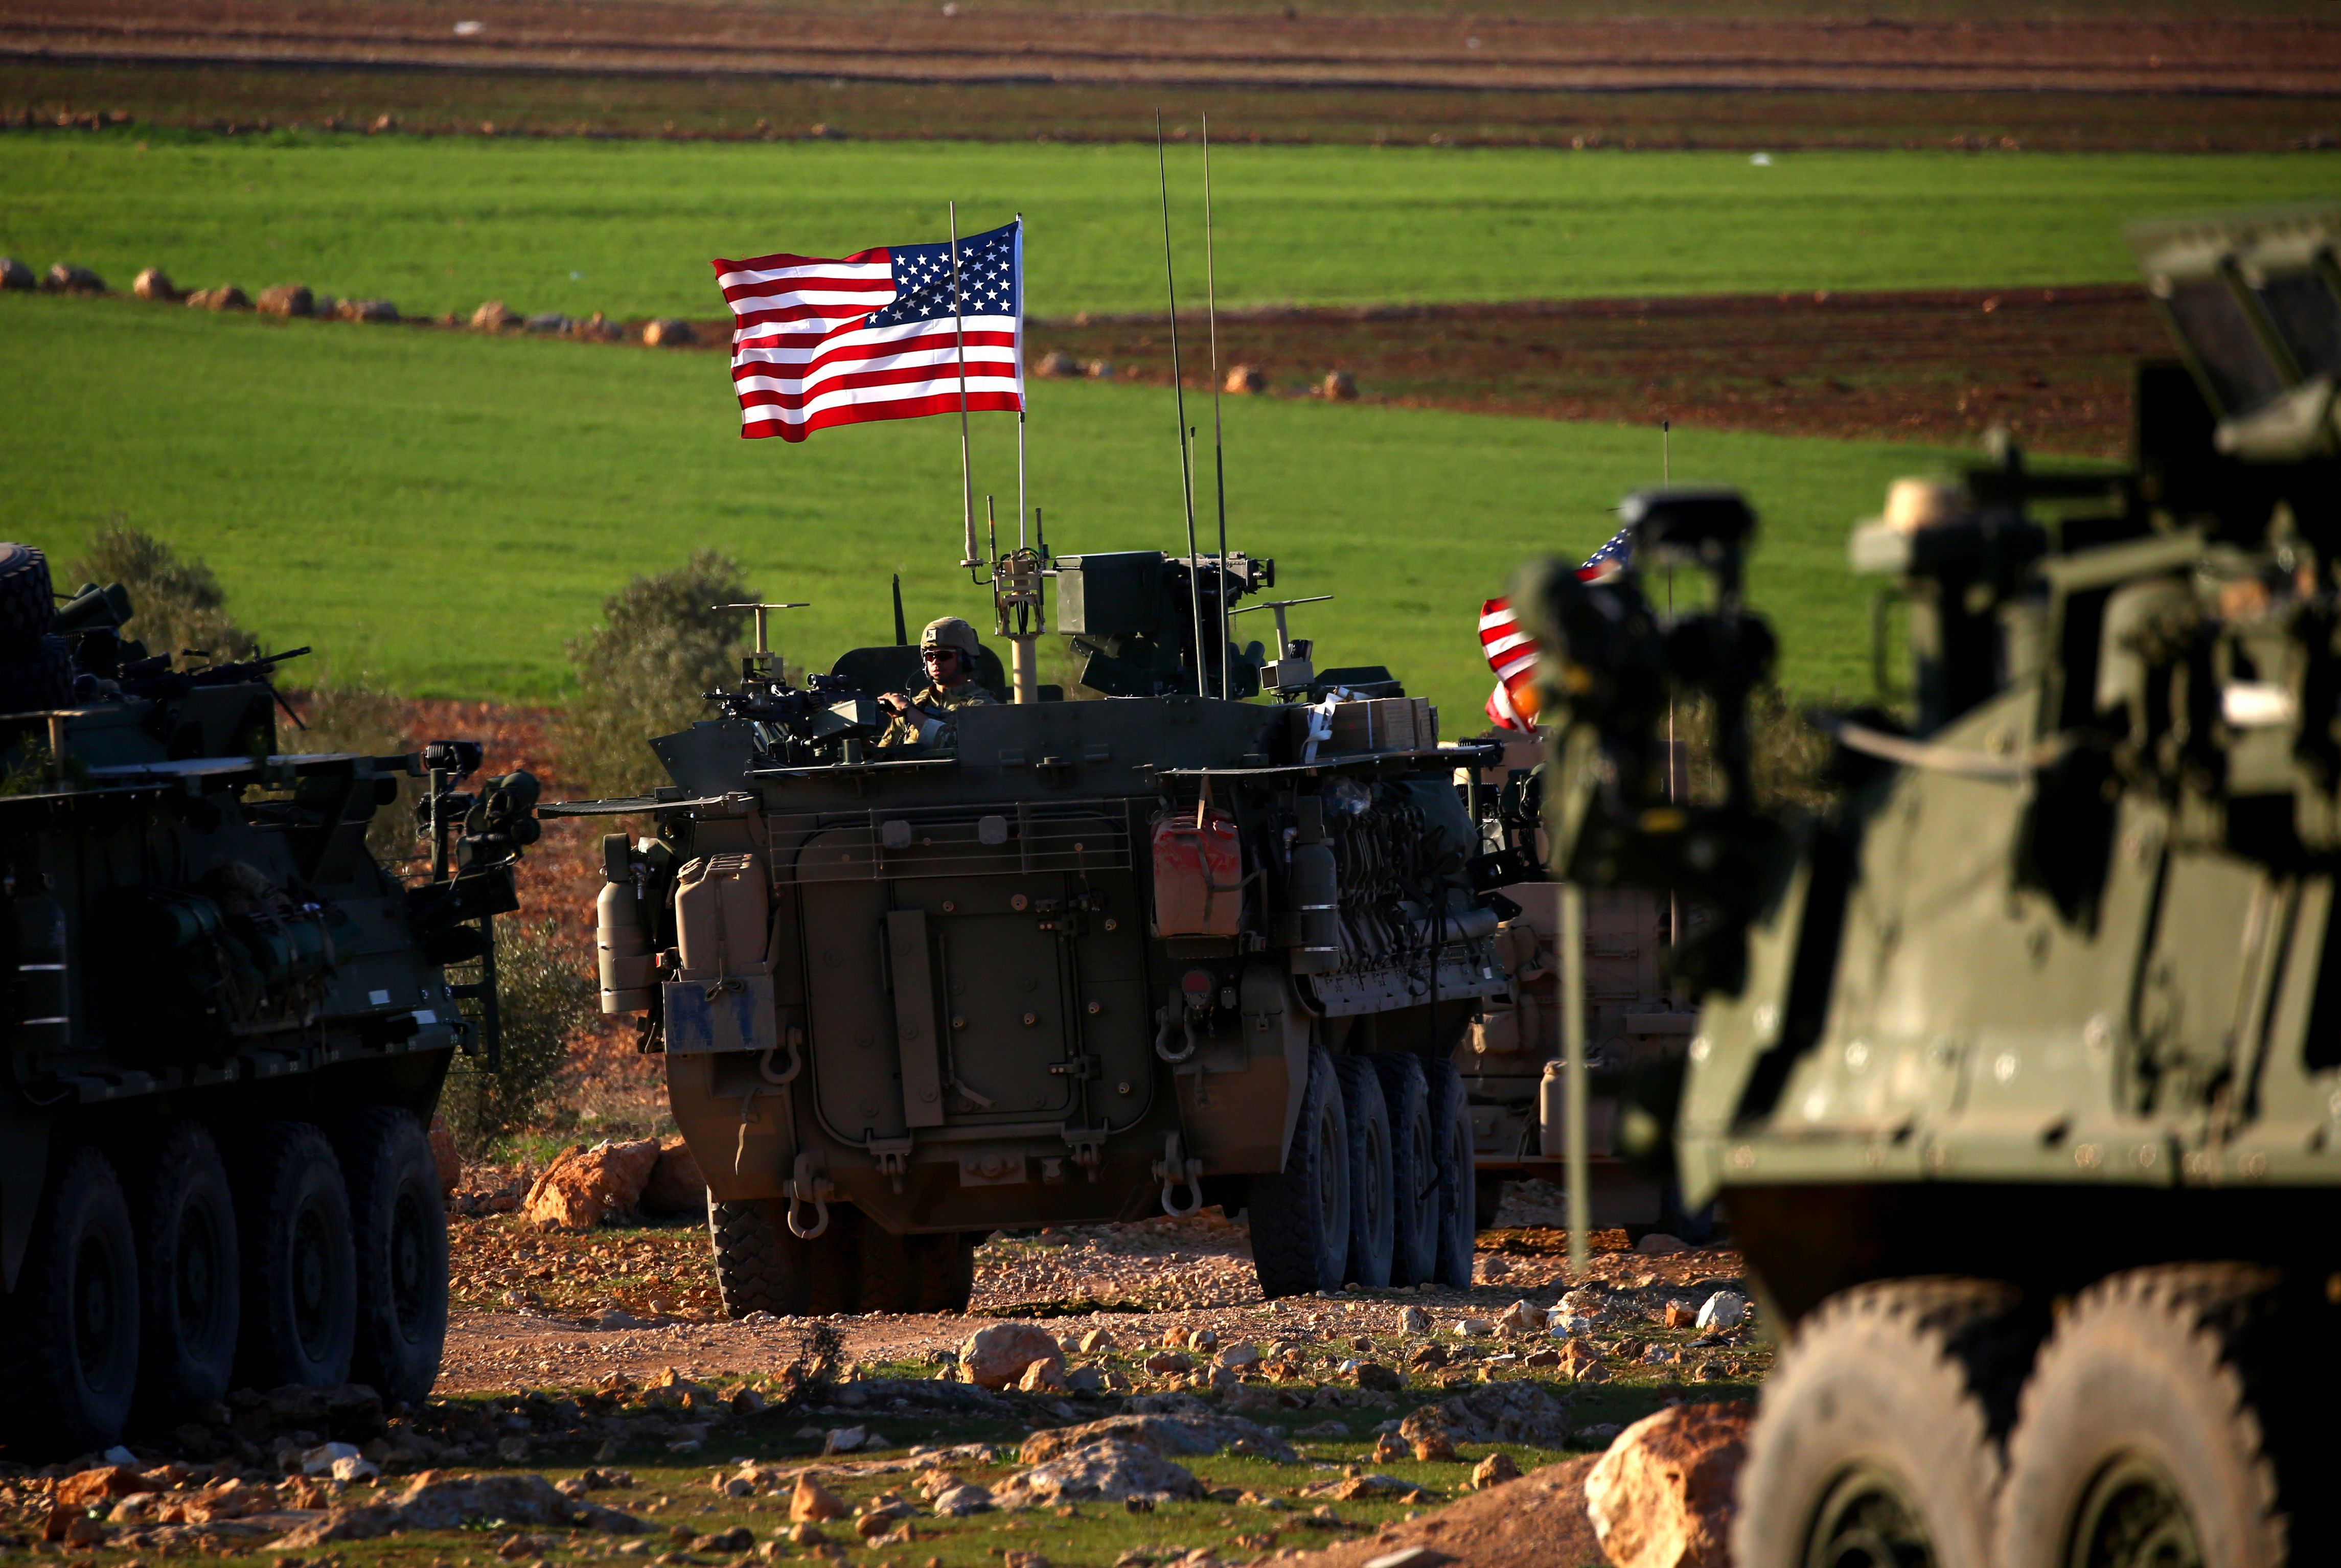 الدفاع الأمريكية : اتخذنا إجراءات لوجستية لدعم الانسحاب من سوريا